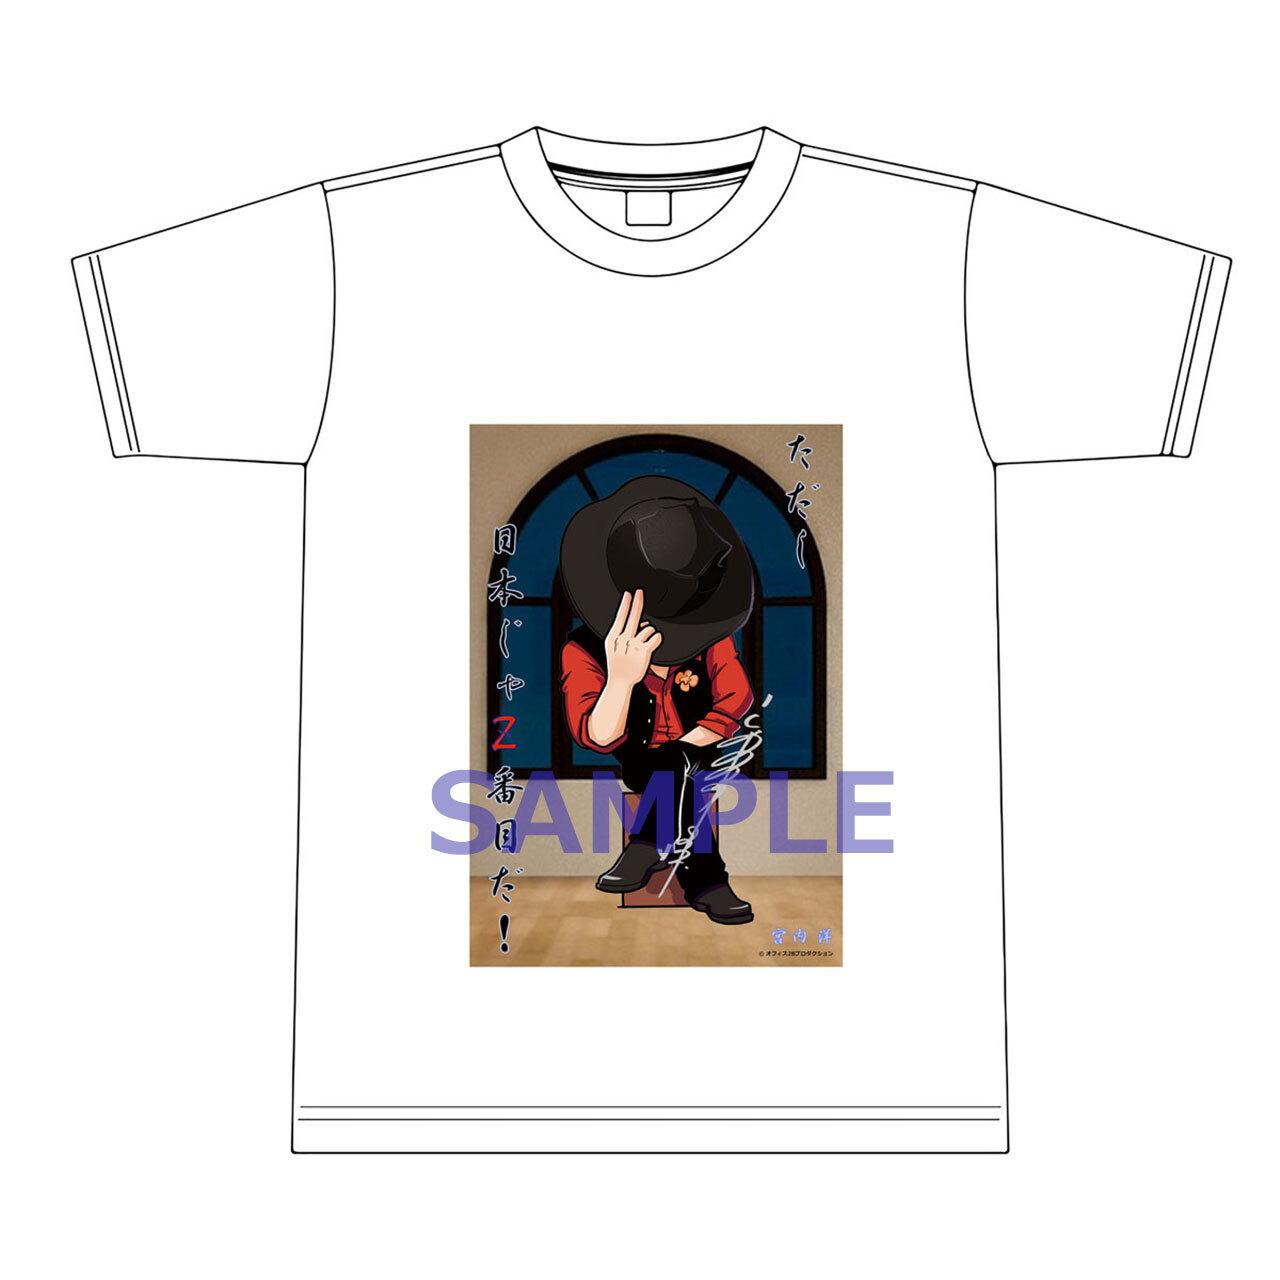 【4589839361477先】宮内洋 Tシャツ B /L 銀色箔押しサイン付きver.